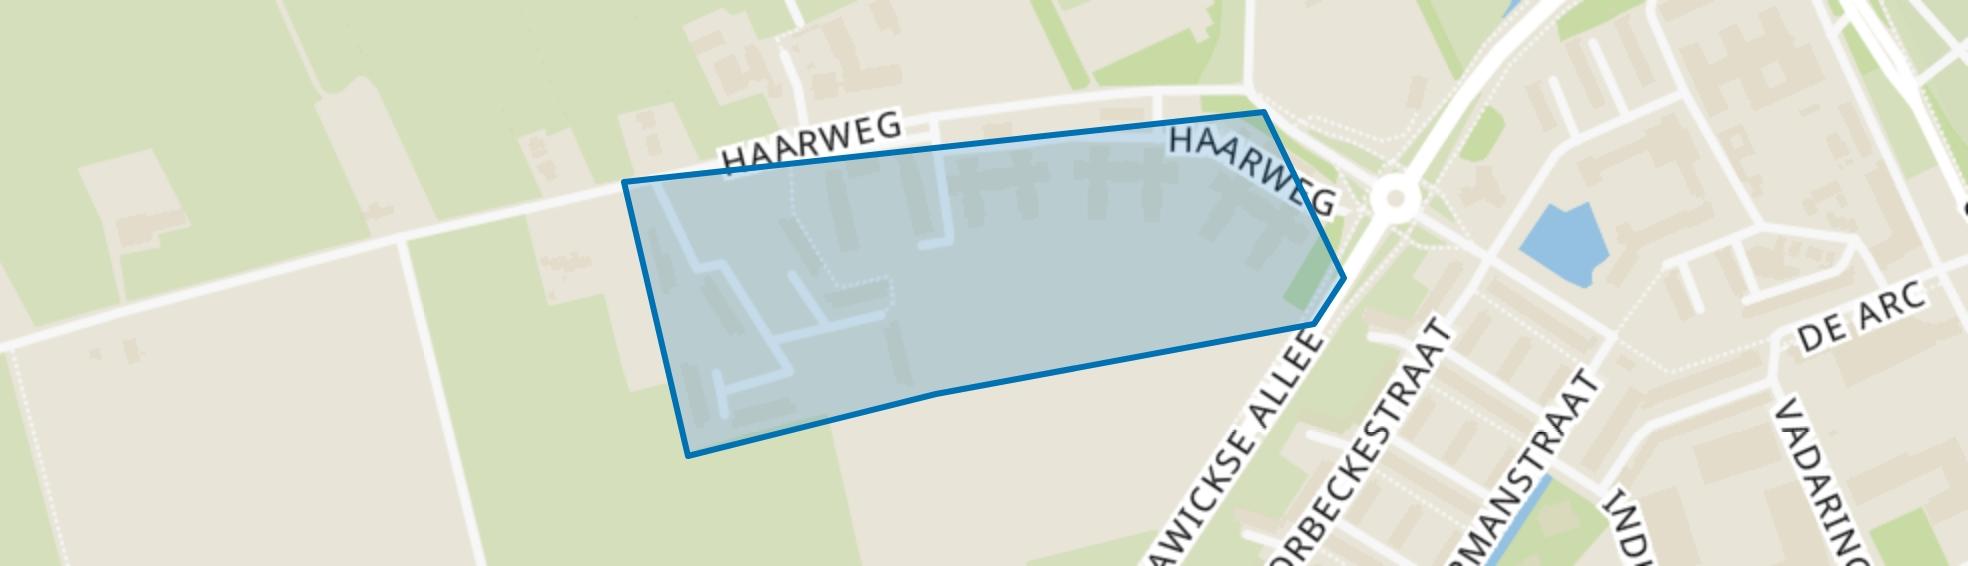 Haarweg, Wageningen map